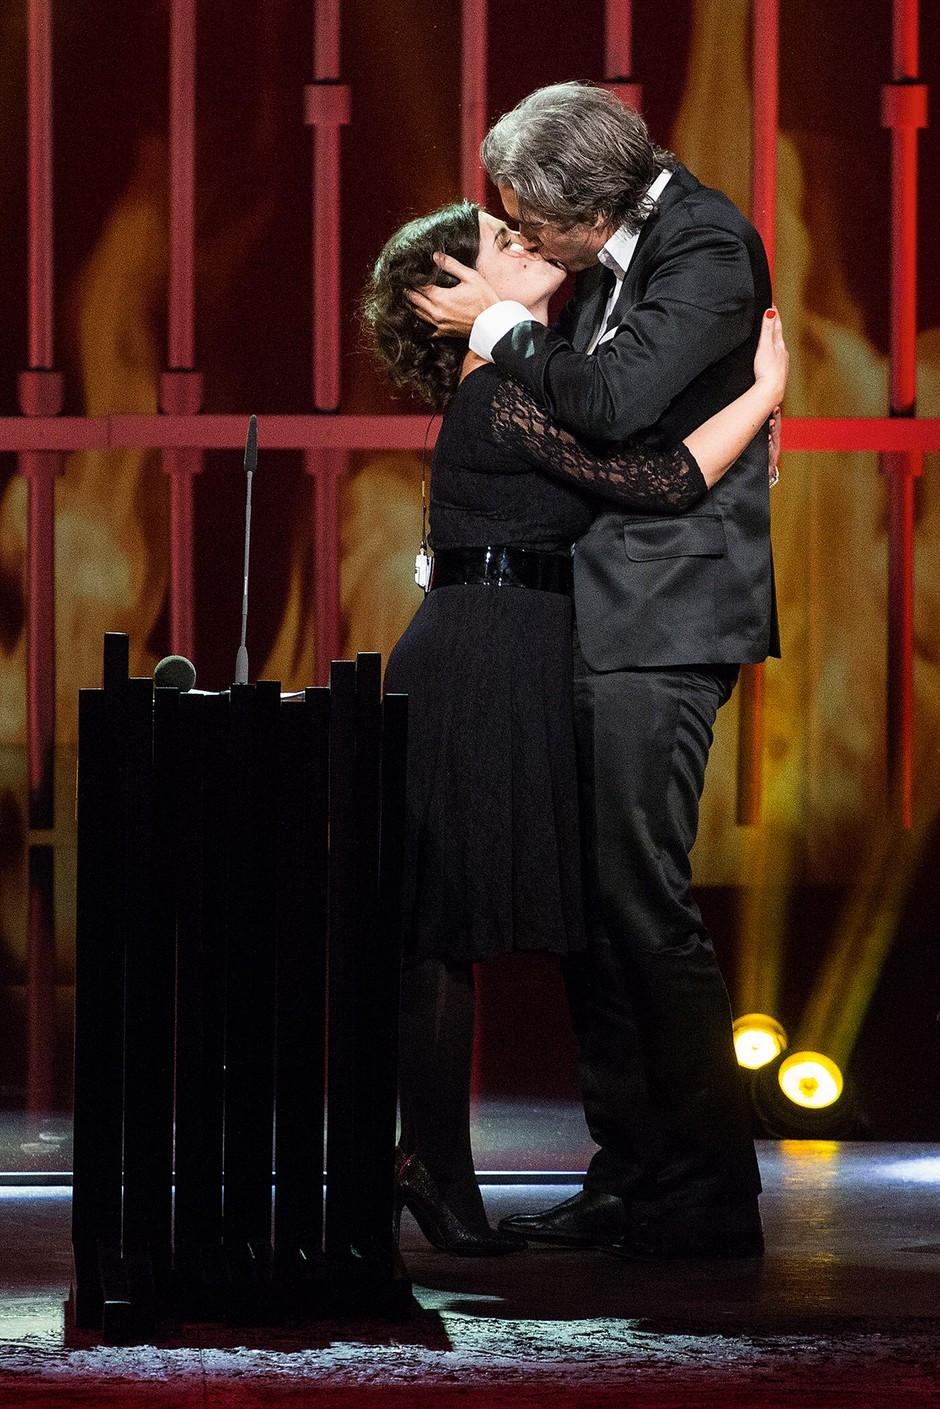 Ana Maria Mitić je prva ženska, ki jo je Jan Plestenjak poljubil v javnosti. (foto: Lea Press)